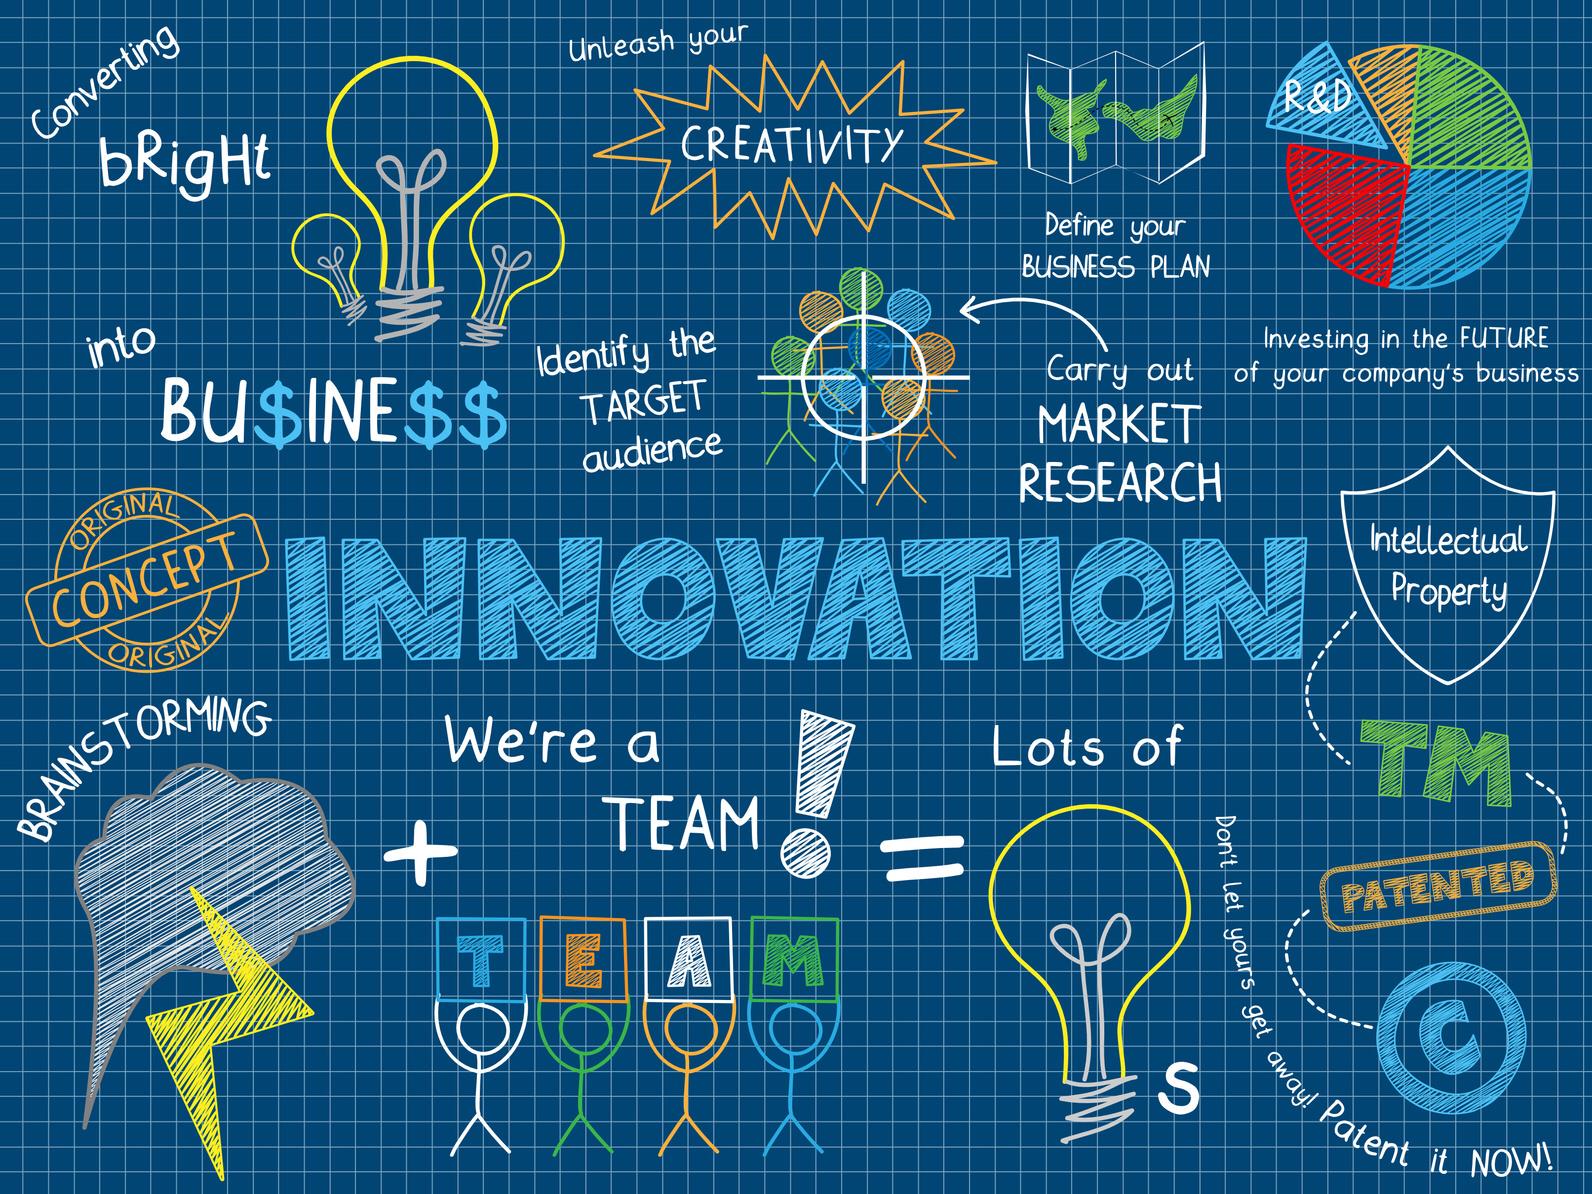 کجا دنبال نوآوری بگردیم؟ آدرس: تقاطع کاربر و دلایل اش